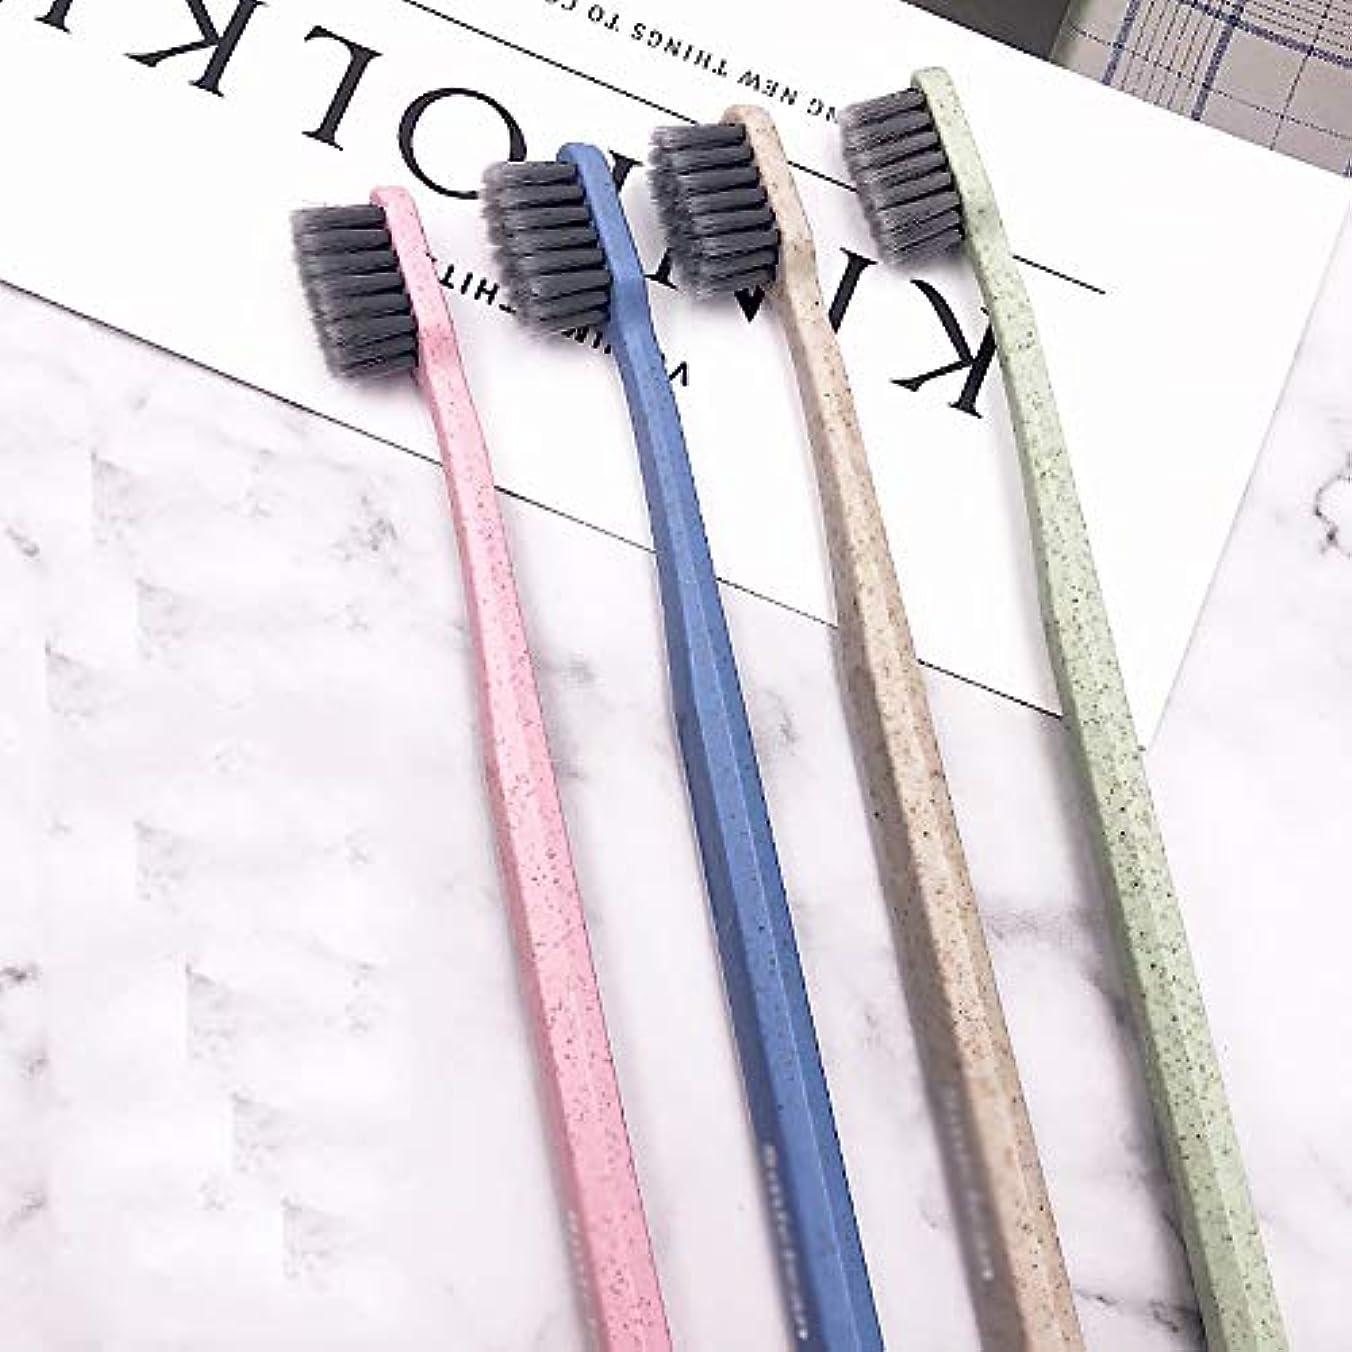 期限切れするだろうノベルティ歯ブラシ 8本のスティック大人歯ブラシ、竹炭歯ブラシ、ブラックブラシヘッド歯ブラシ - 使用可能なスタイルの3種類 HL (色 : A, サイズ : 8 packs)